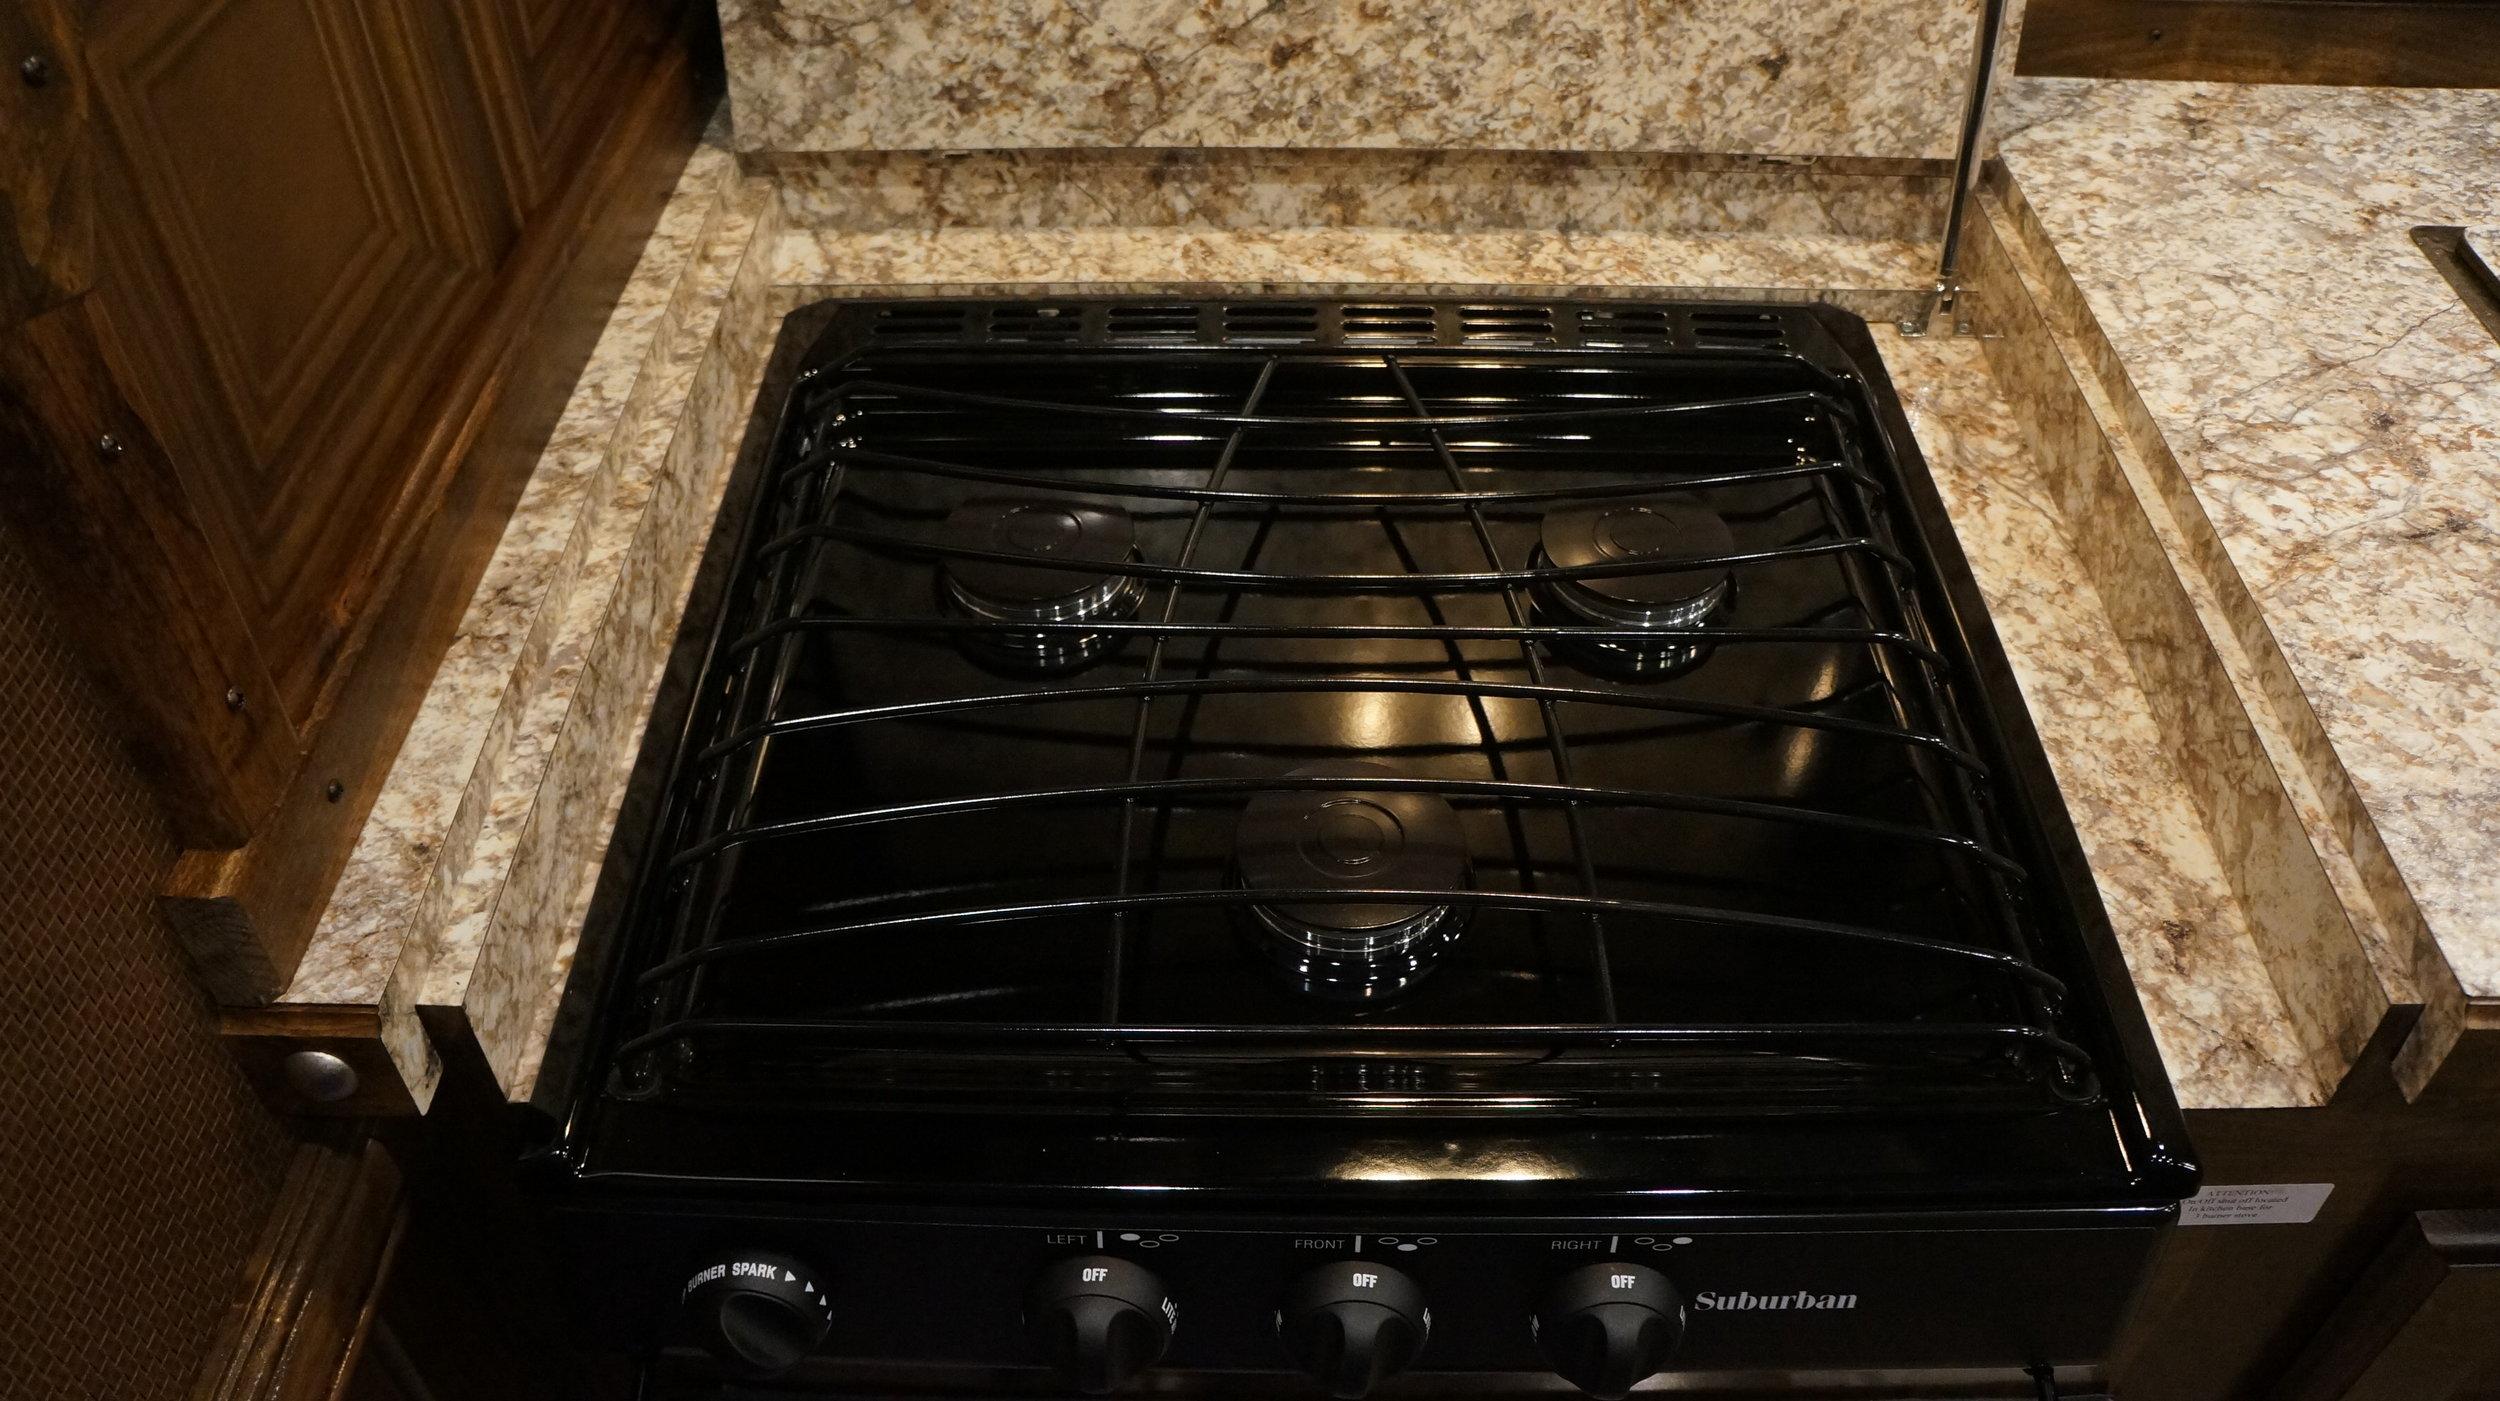 Recessed 3-Burner Cooktop